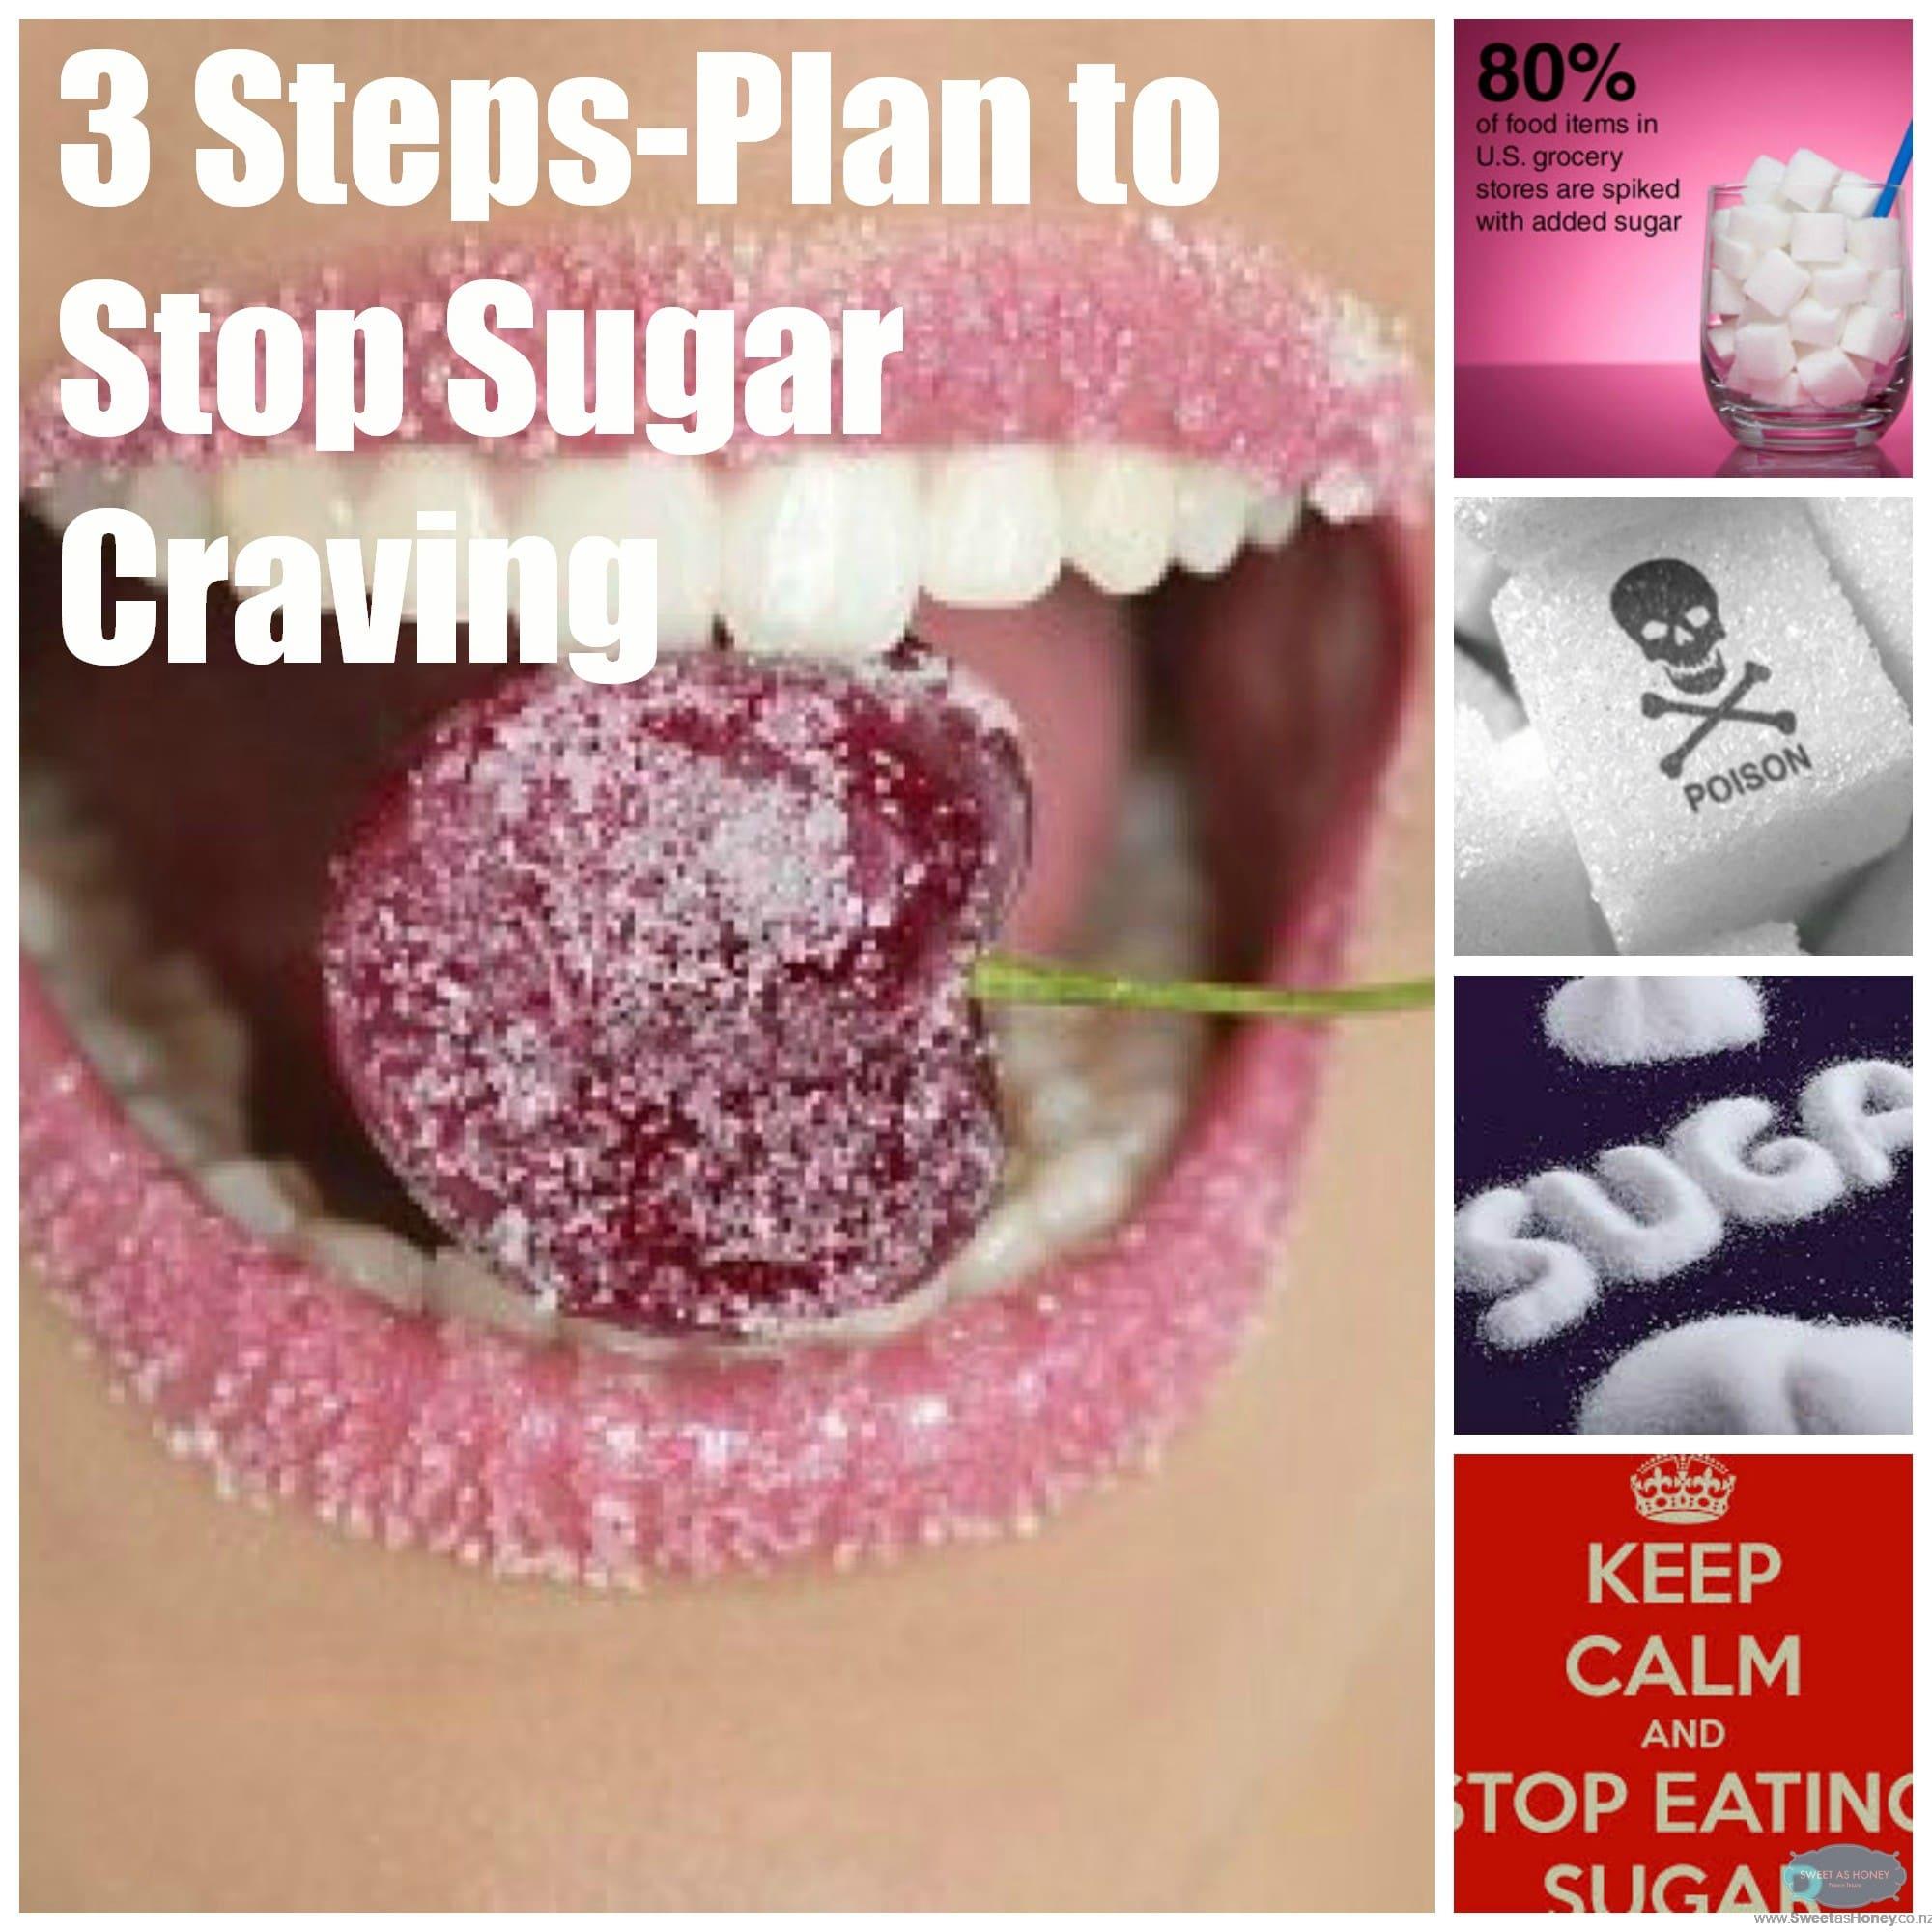 3 Steps Plan to Stop Sugar Craving